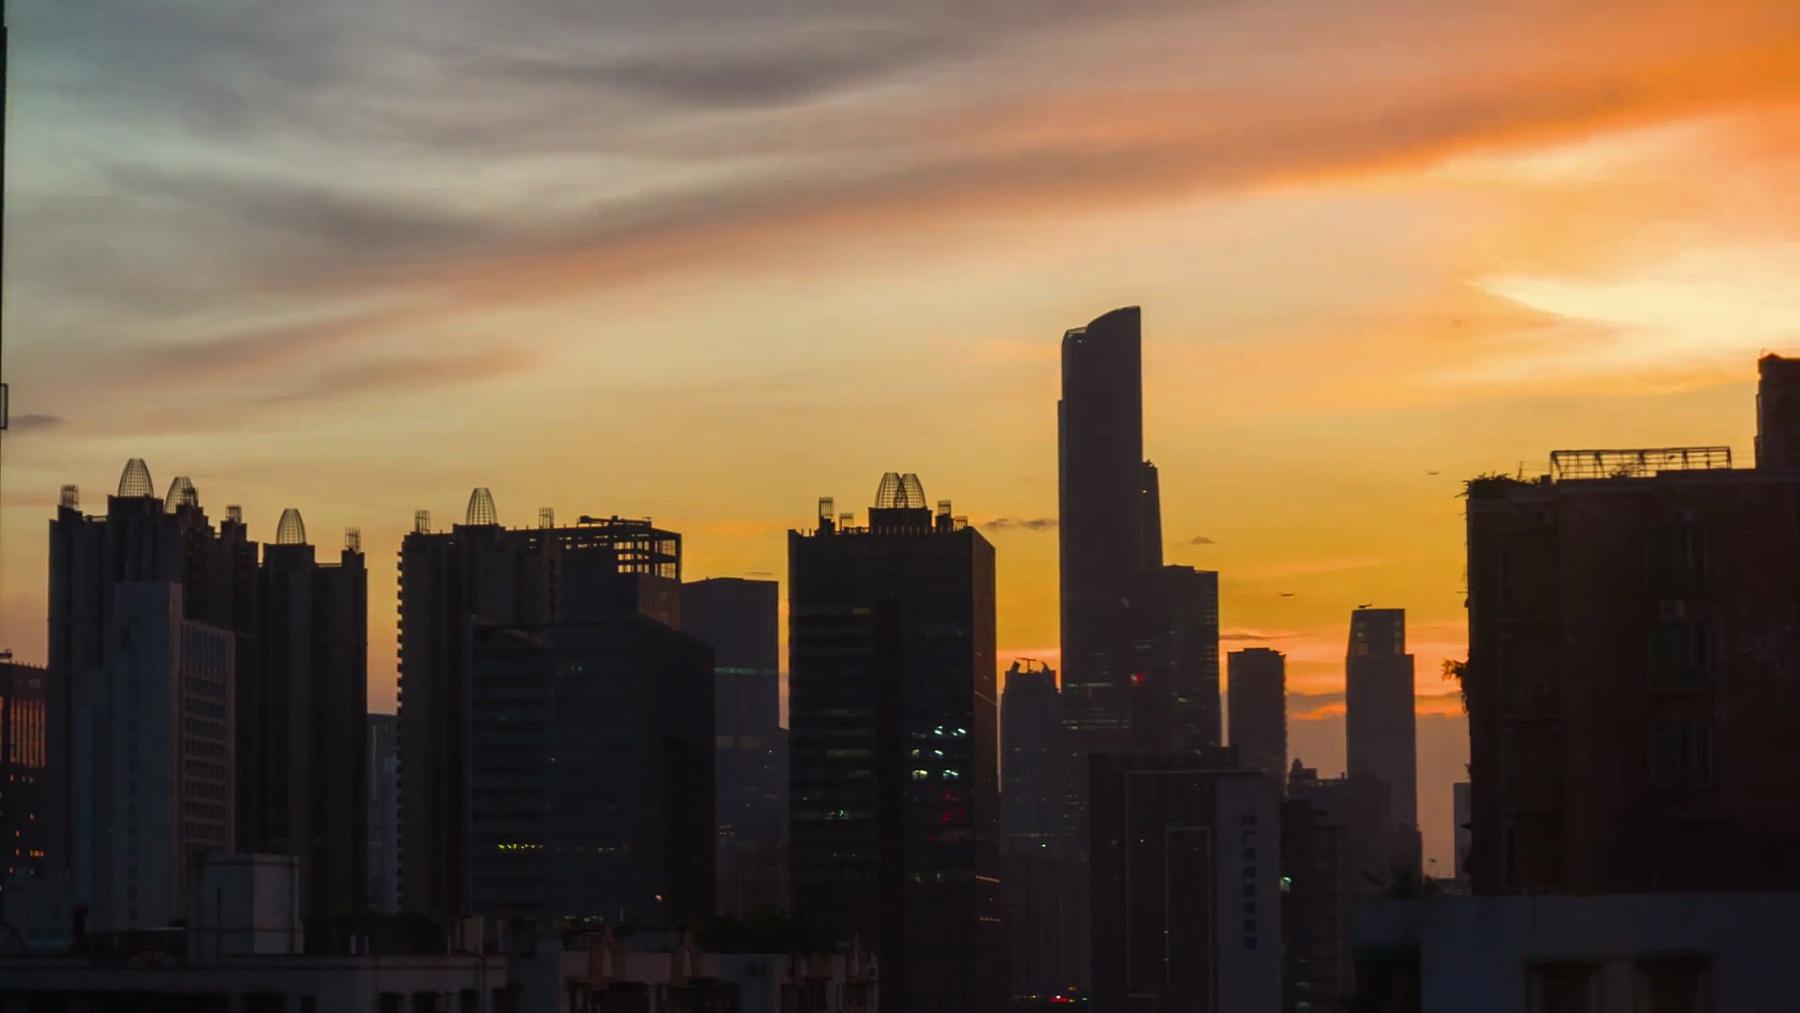 日落天空广州市市中心全景 延时中国